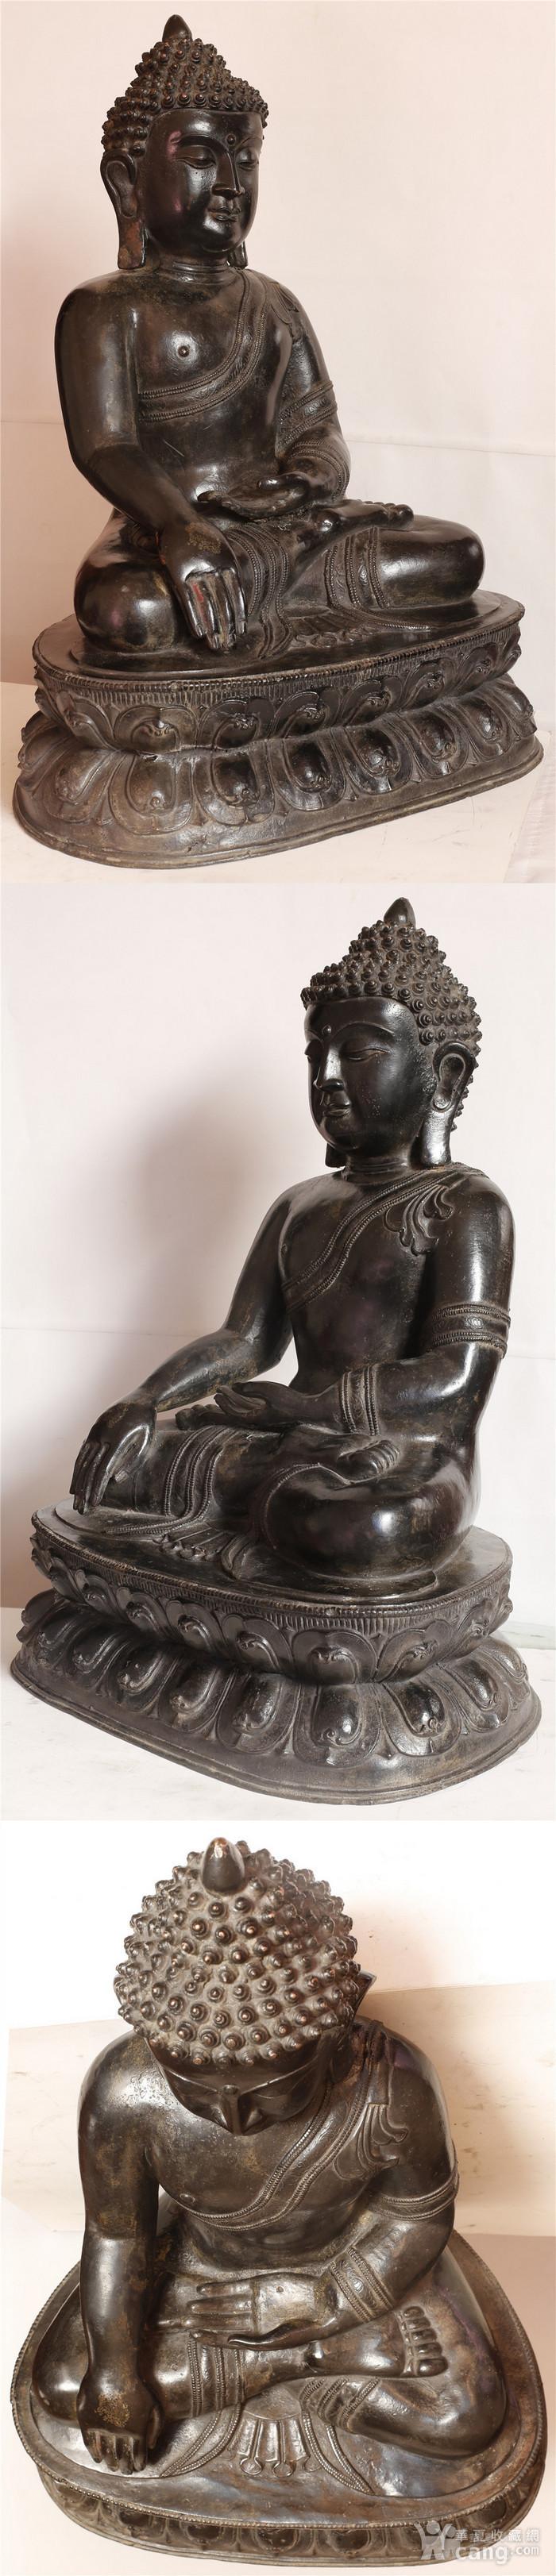 重33斤高47厘米  清中期释迦摩尼铜佛像图5